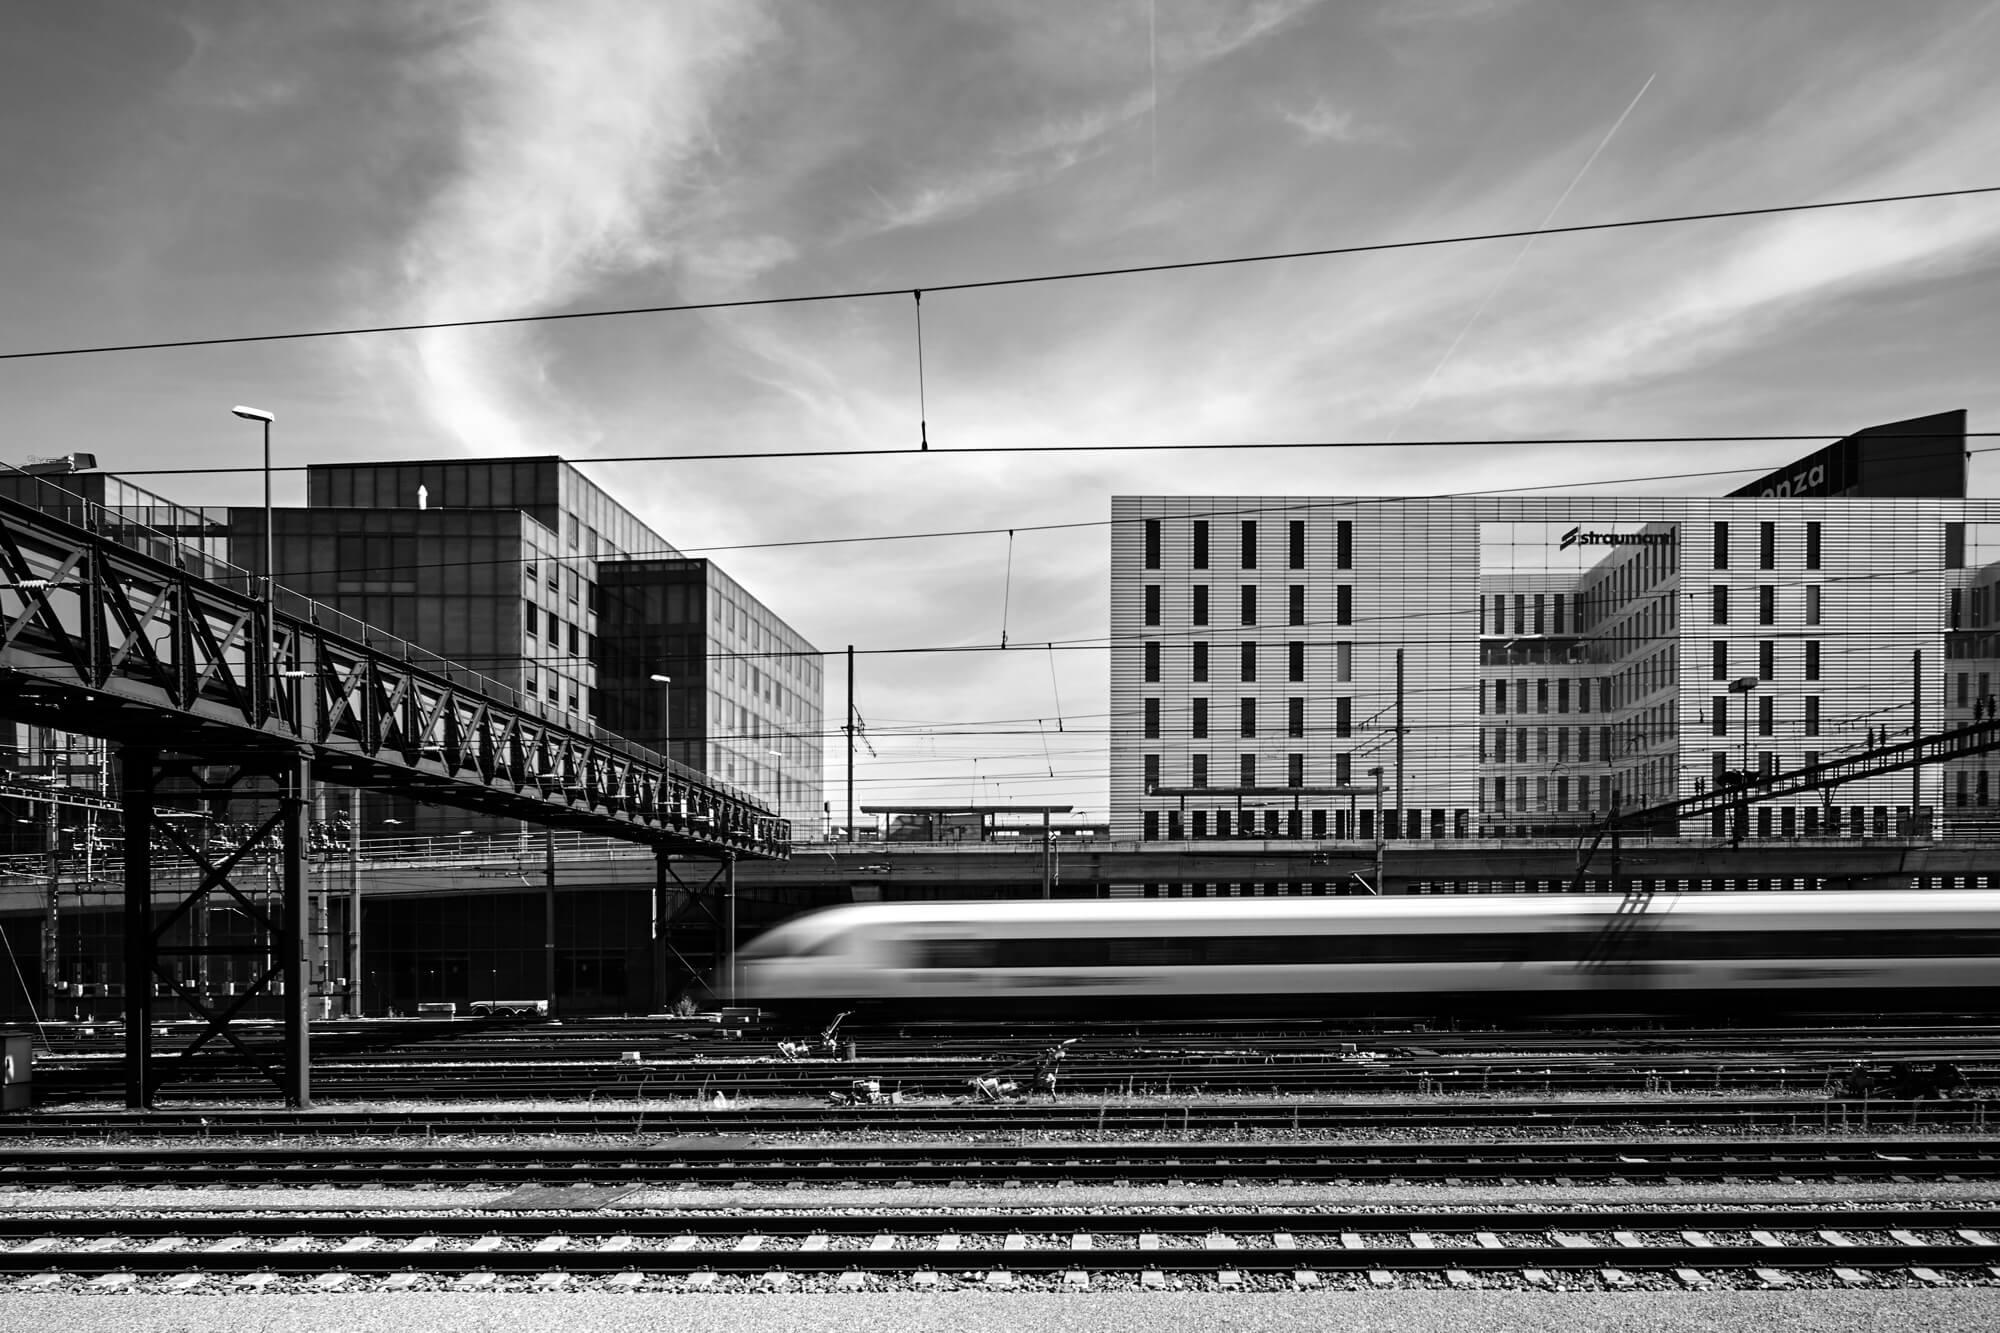 Schwarzweissbild von einem Zug der durchfährt